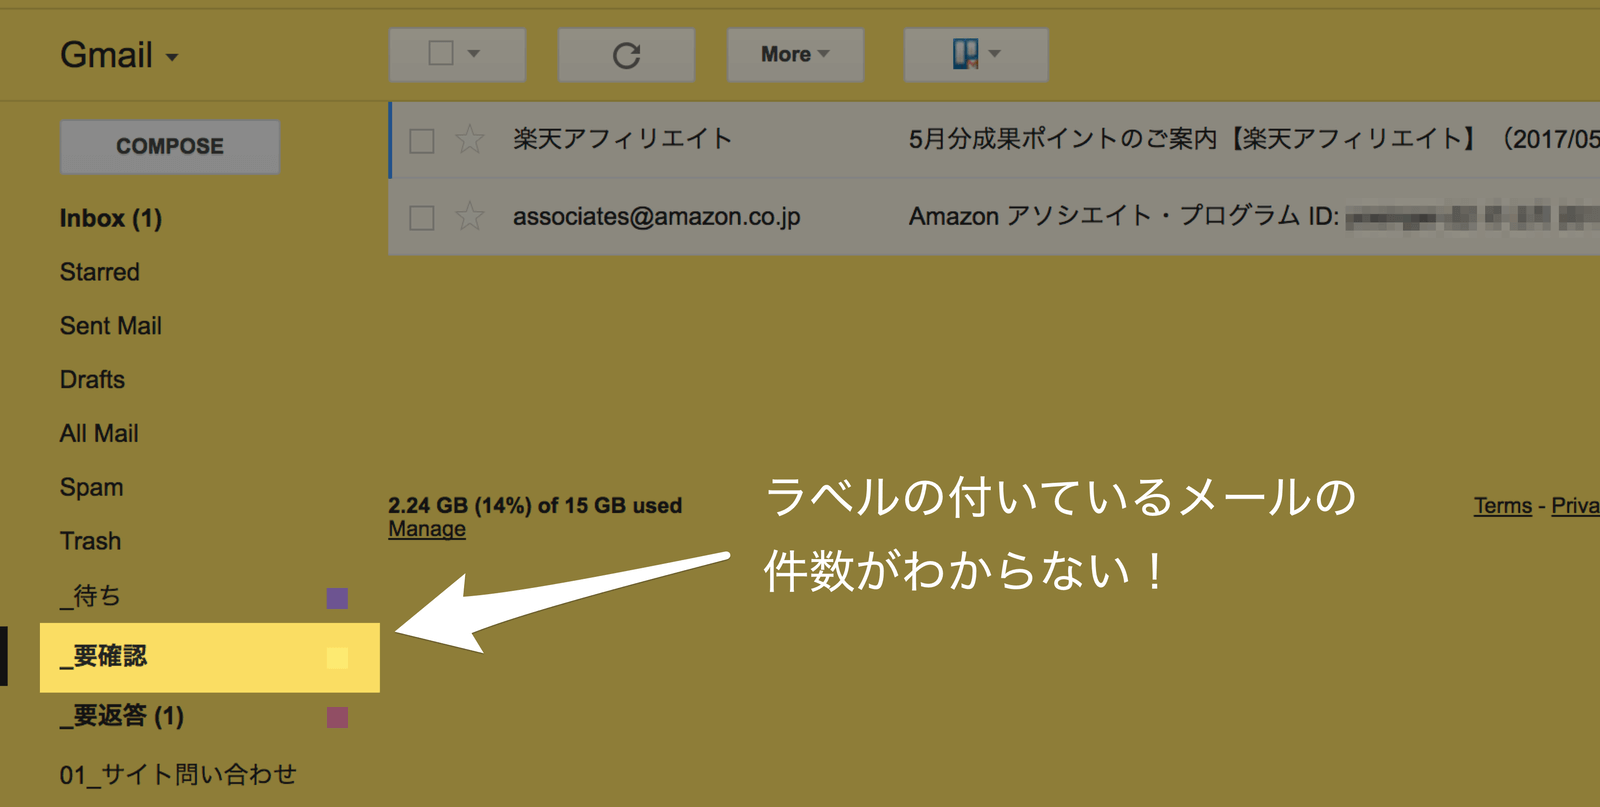 ラベルの付いたメールを簡単に確認したい